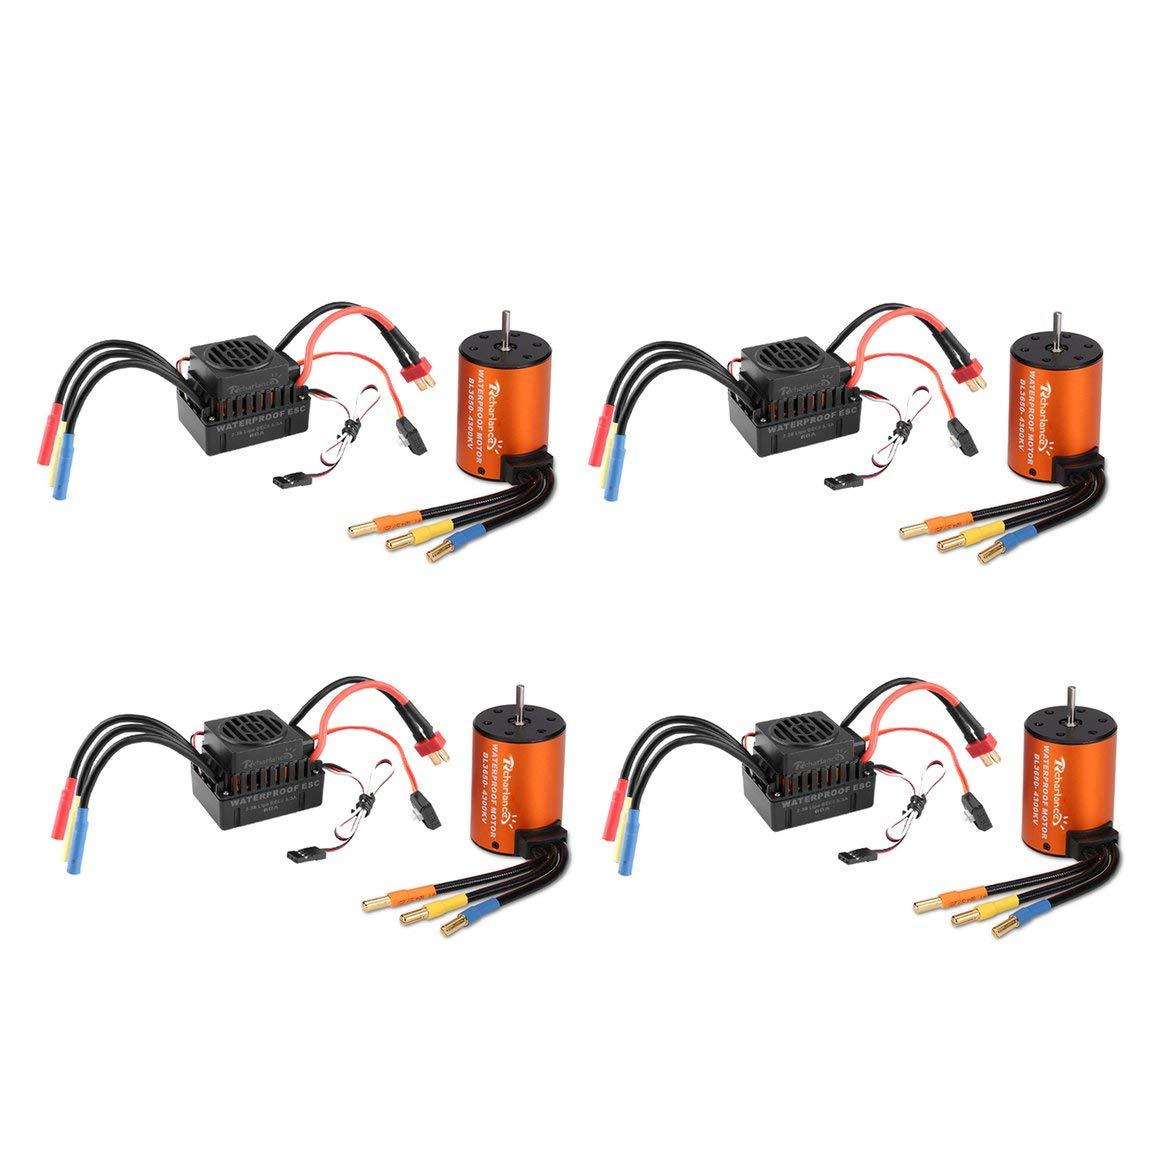 Intercorey 4PCS EmaxホークバズFS2306 6S 1700KVブラシレスモーター用EmaxホークバズRCドローンFPVレーシングカーロボットRCモーター B07SGDFR1H